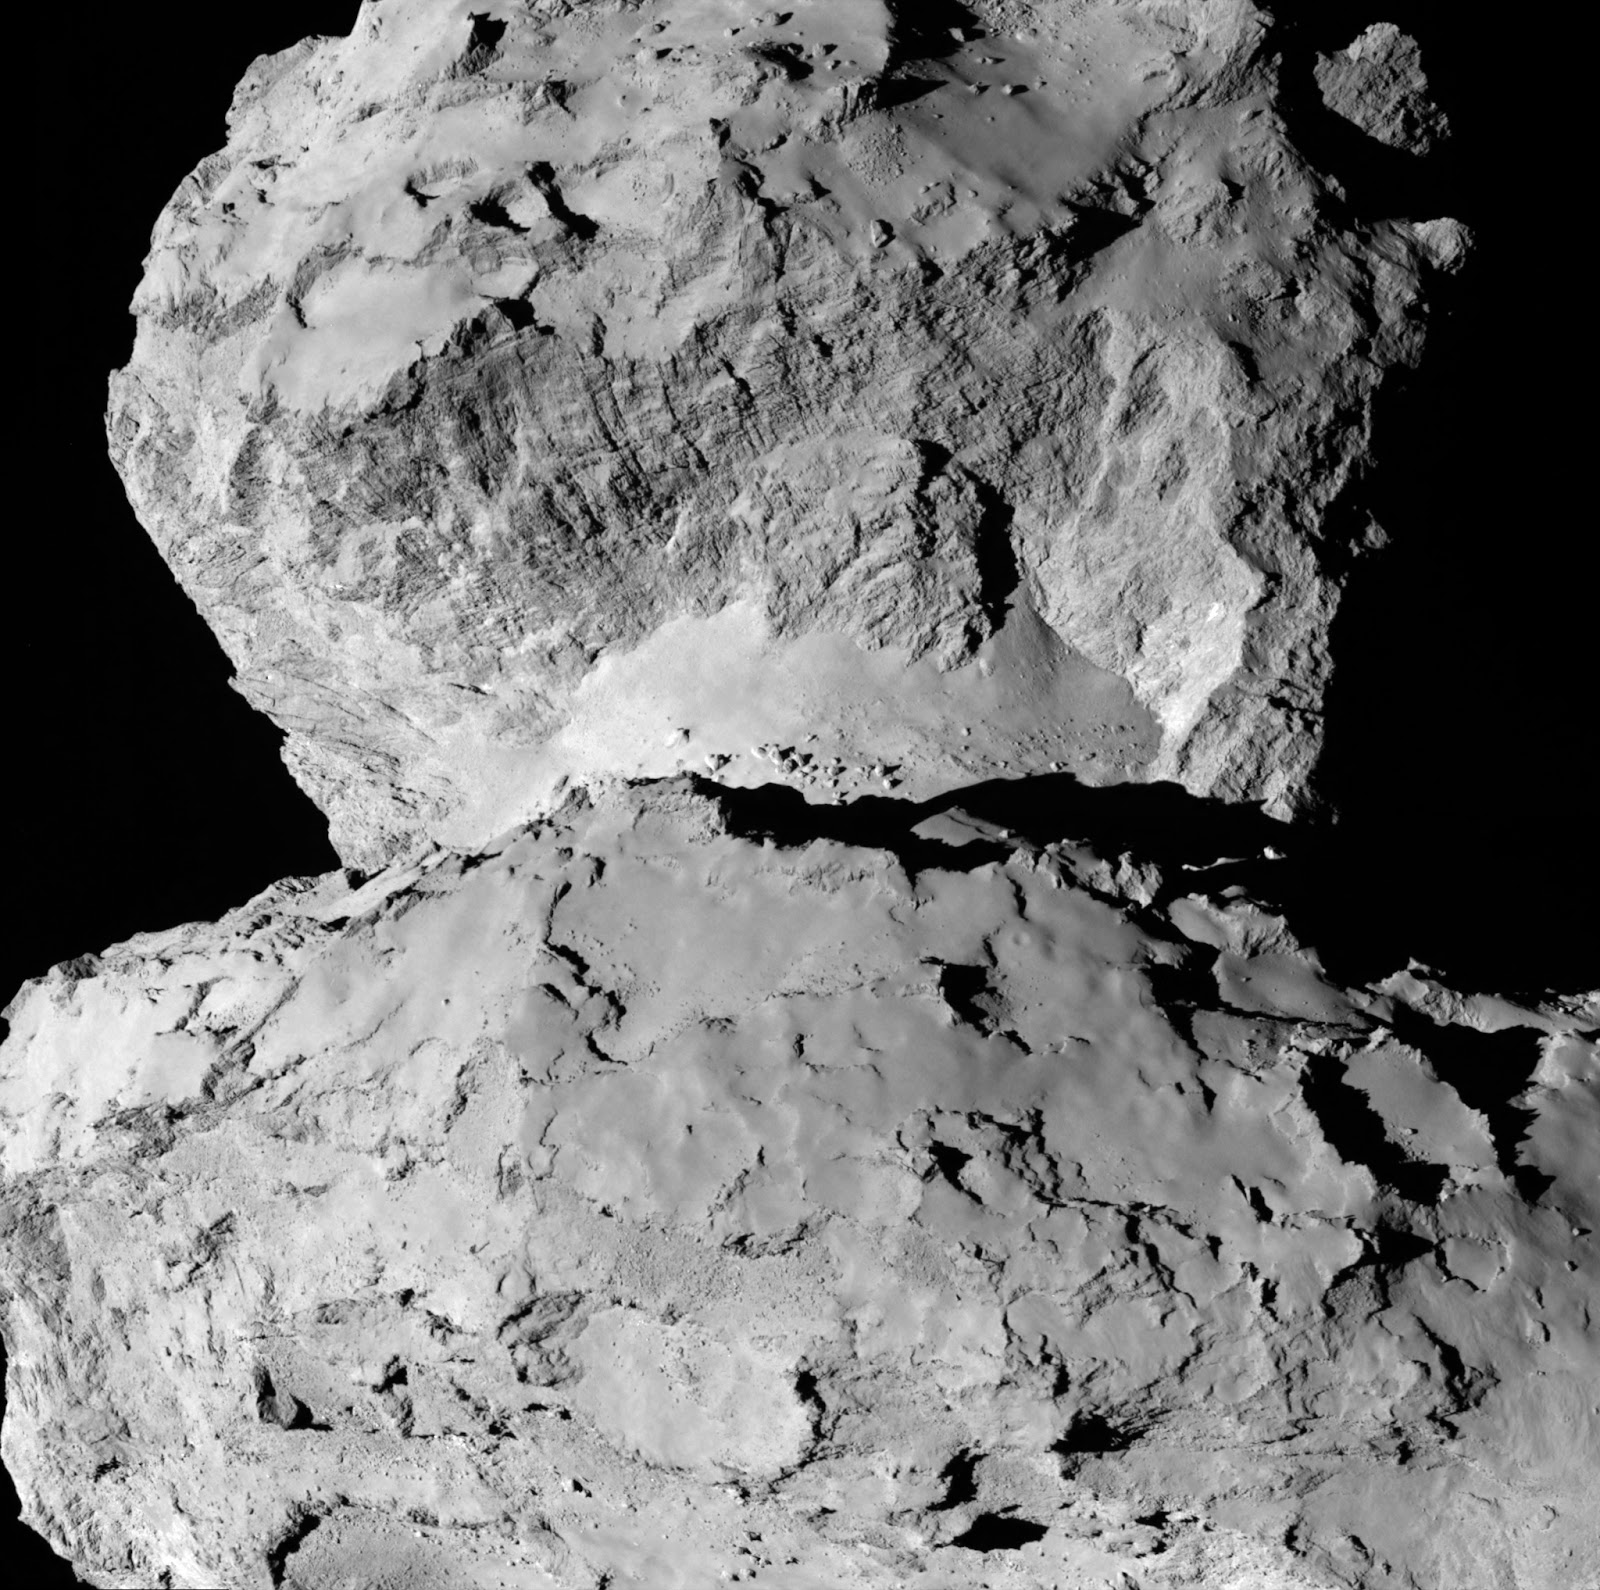 Снимок кометы Чурюмова-Герасименко 7 августа с расстояния 104 километра